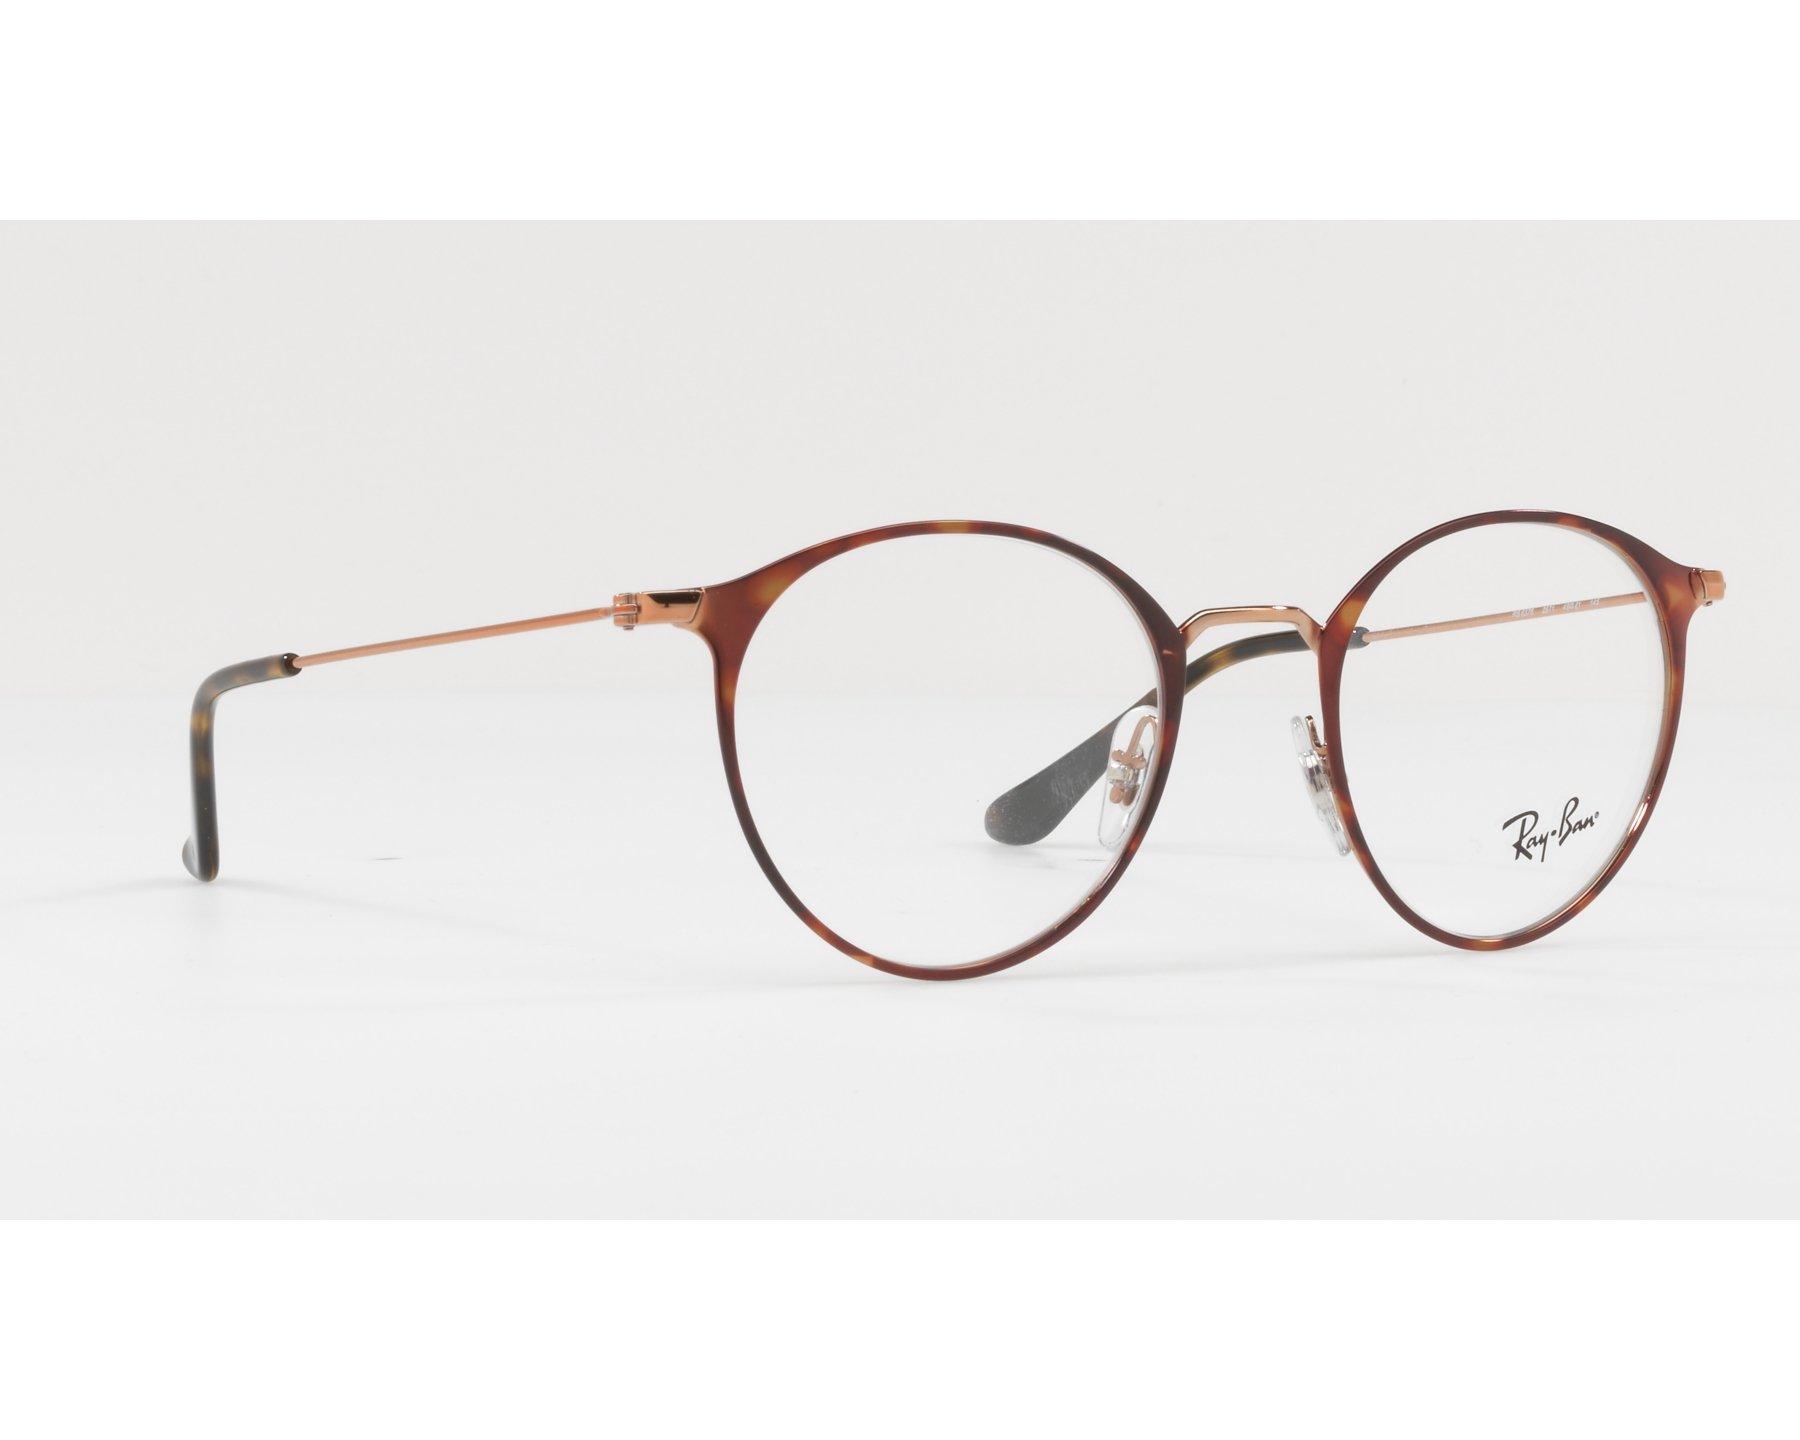 Gafas Graduadas Ray-Ban RX-6378 2971 47-21 Havana Oro cobre Vista 5a8b9076a20a